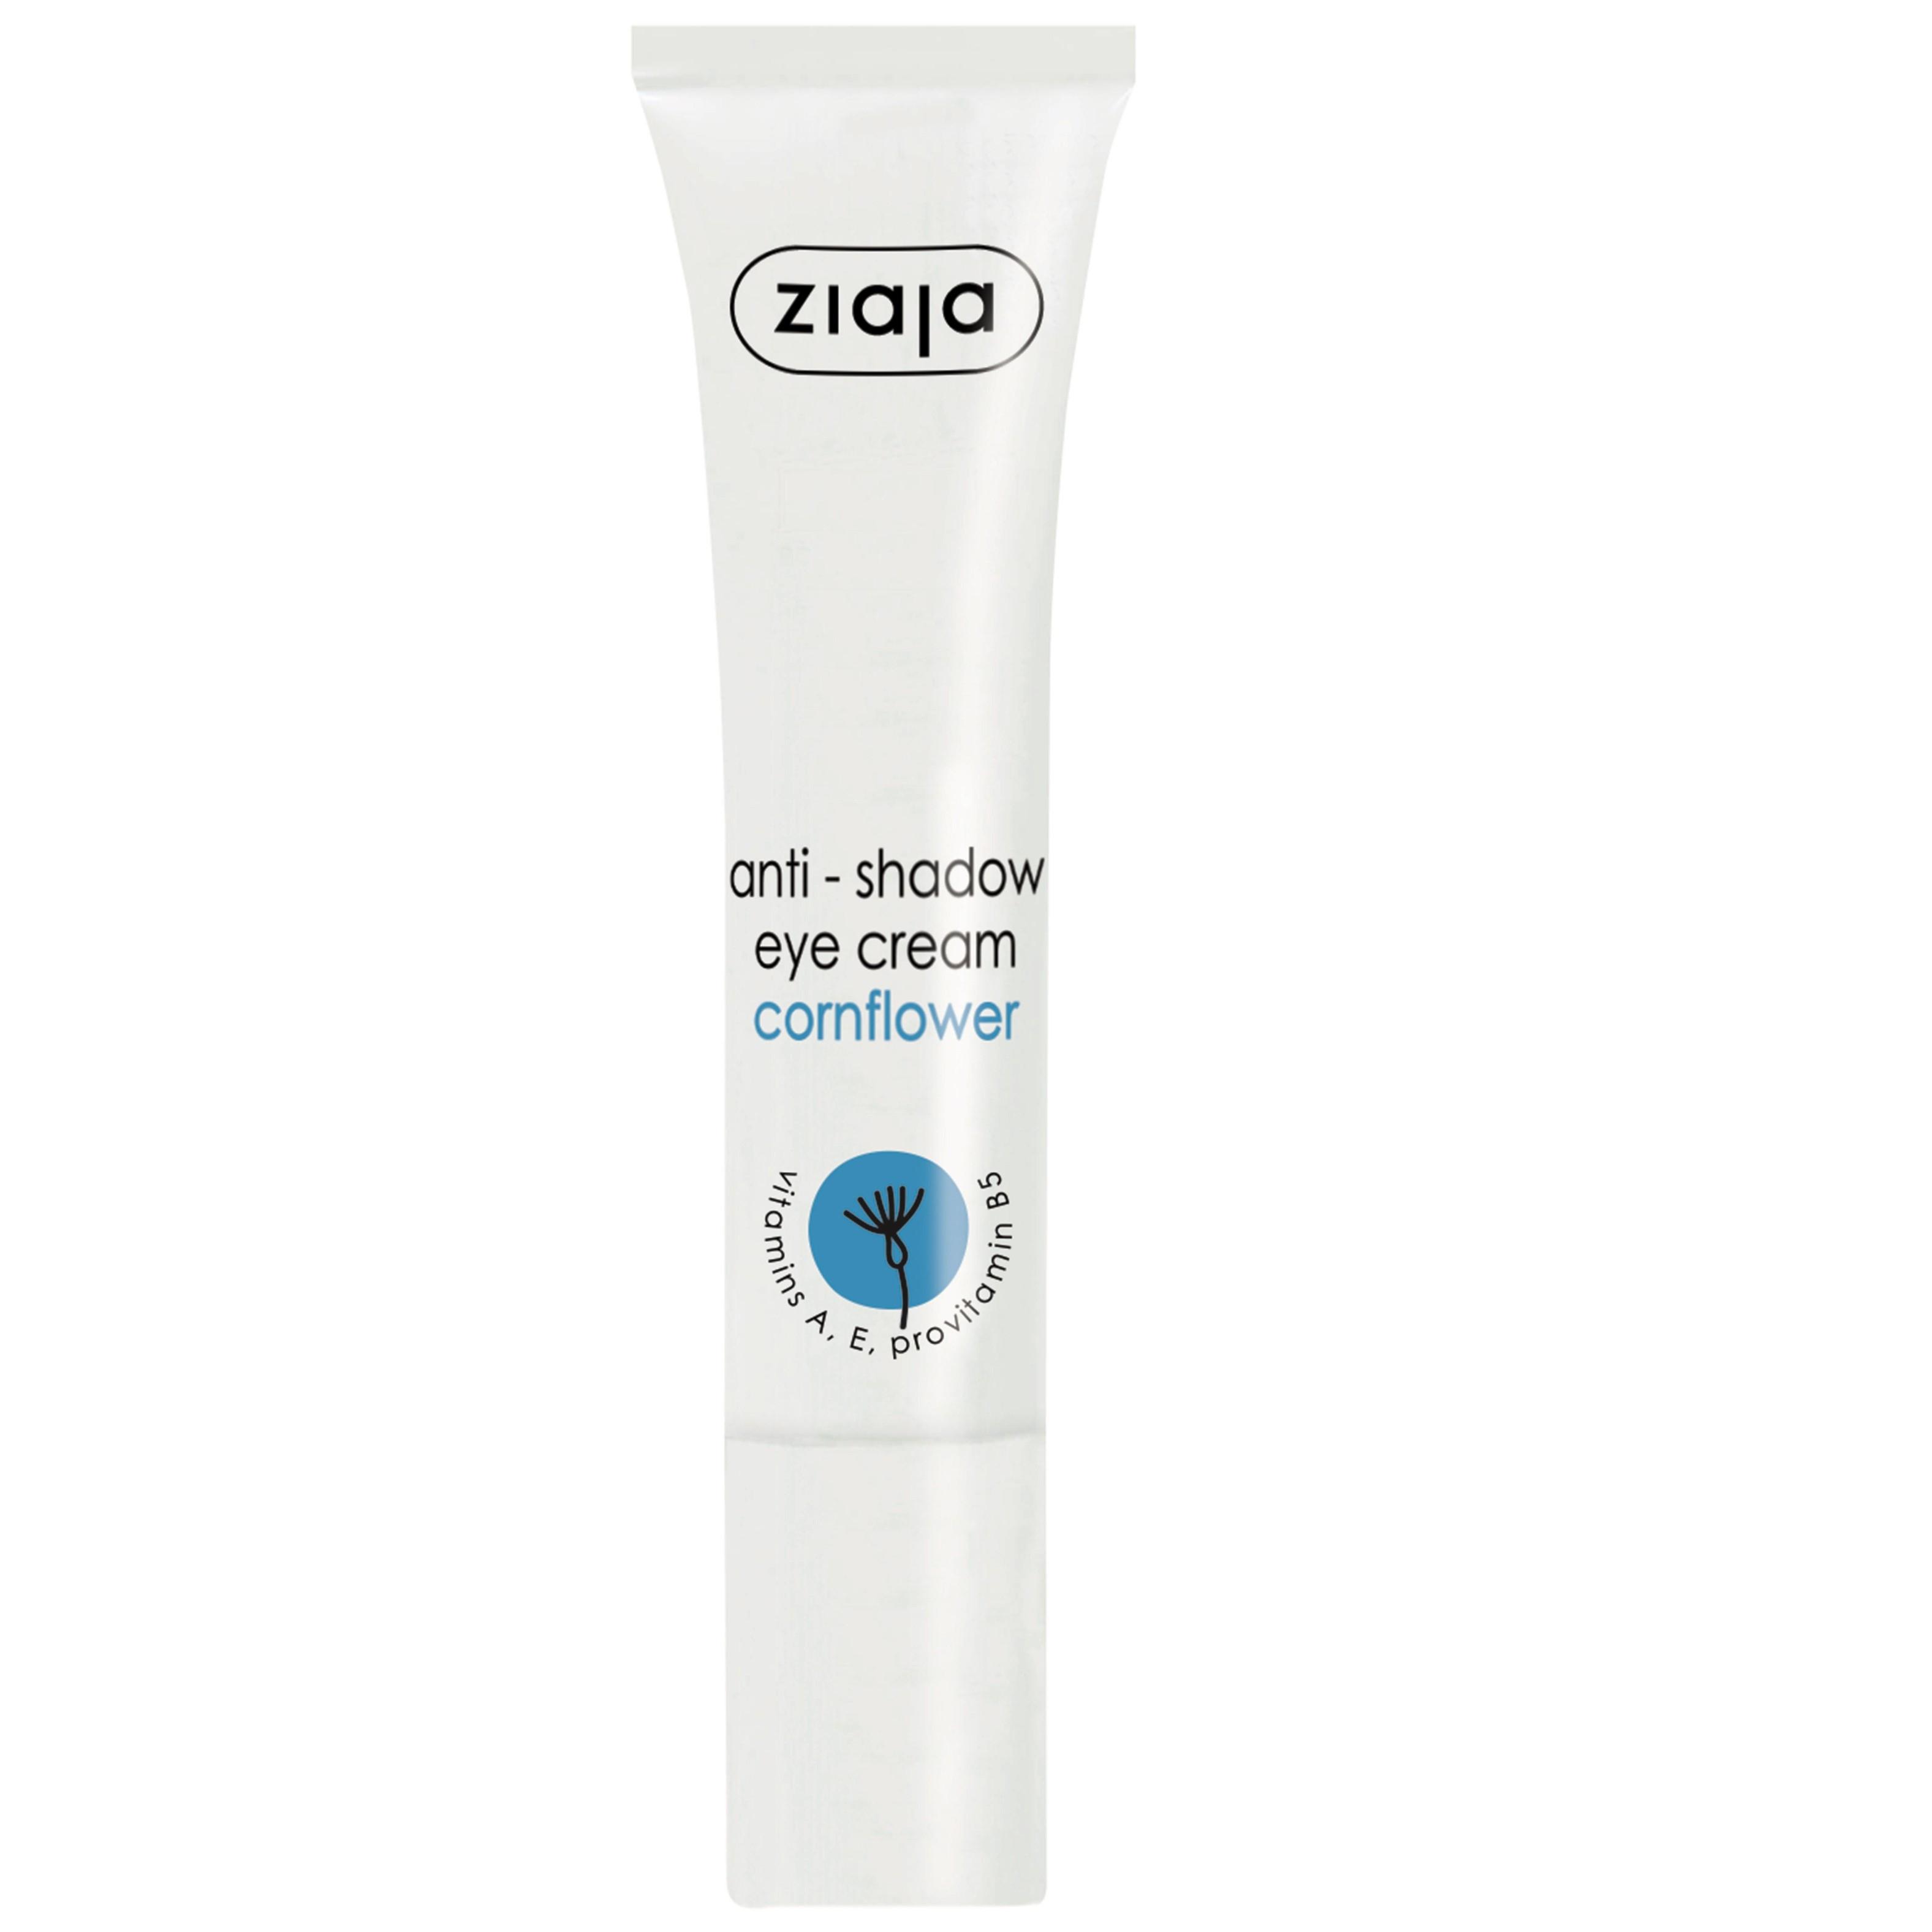 ЖАЯ Околоочен гел срещу поява на тъмни кръгове с екстракт от метличина 15мл | ZIAJA Anti-shadow eye gel cornflower 15ml